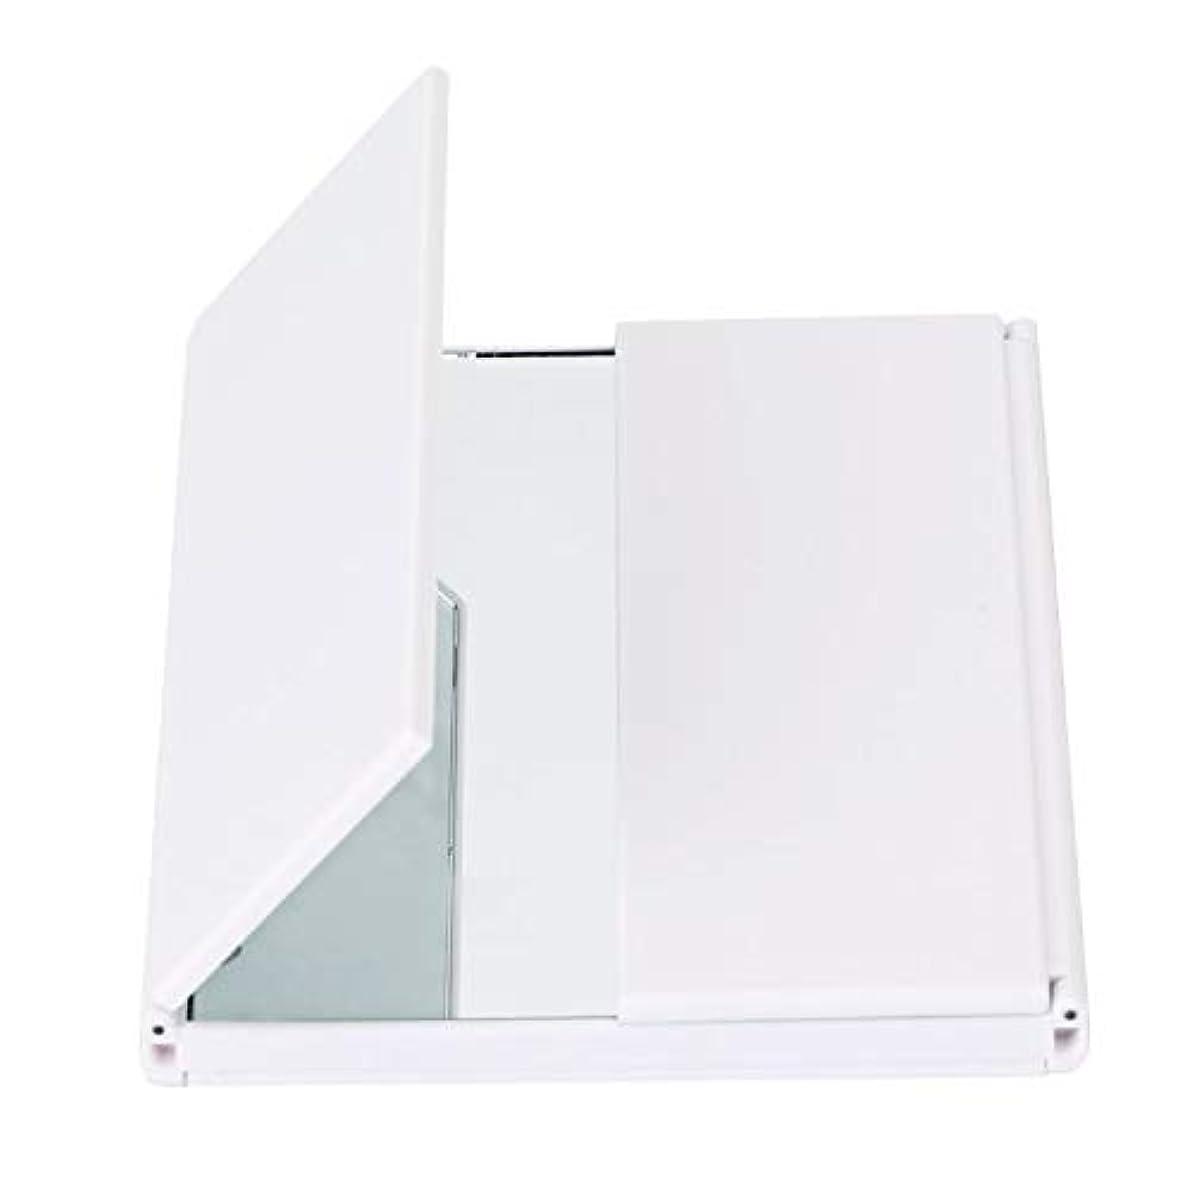 月曜日サンドイッチメール化粧鏡、導かれた軽い旅行化粧品のギフトが付いている三重の虚栄心ミラーの卓上スタンド (Color : ホワイト)